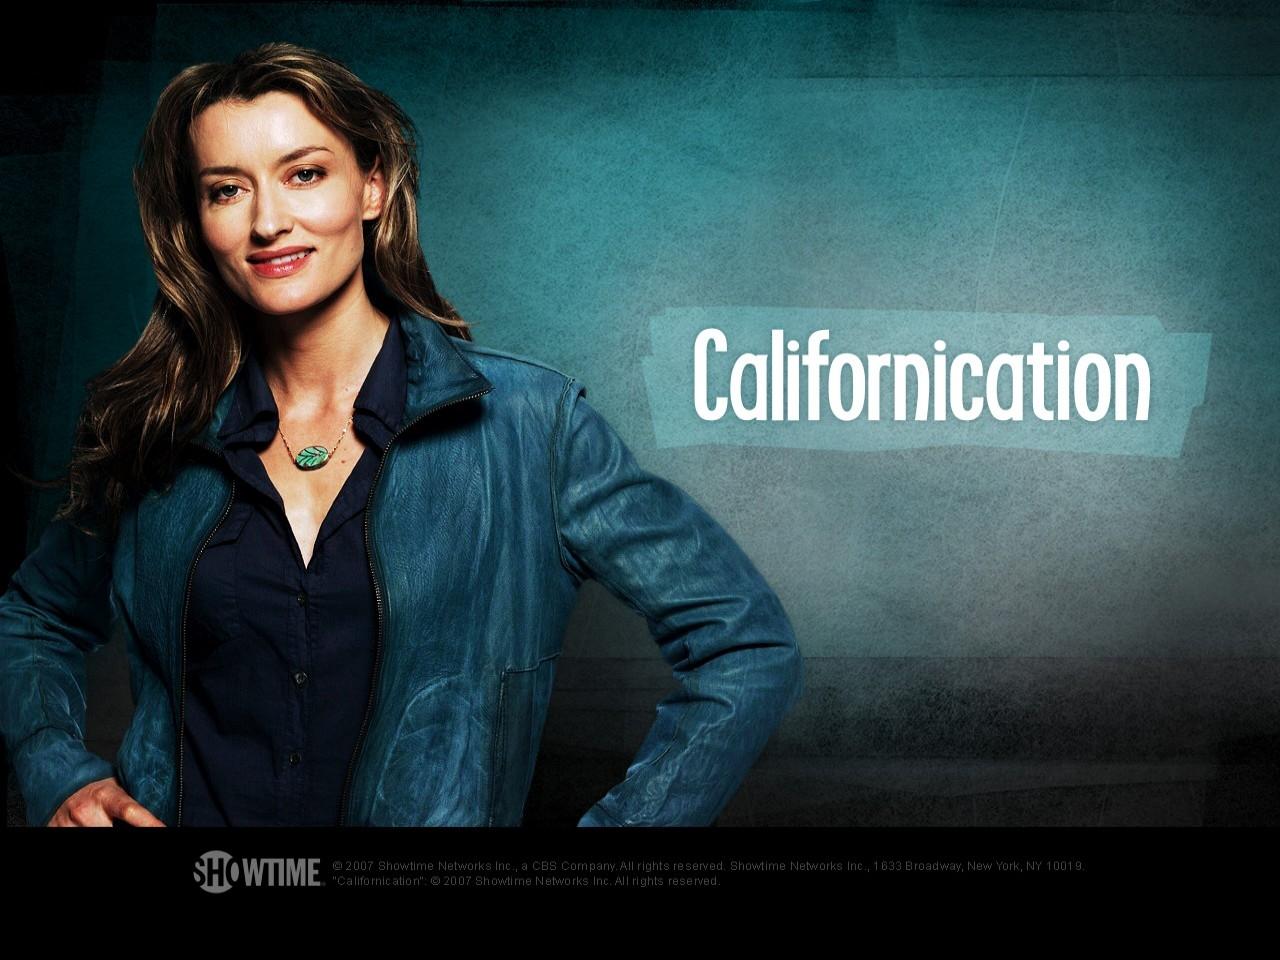 Wallpaper della serie Californication, con Natascha McElhone